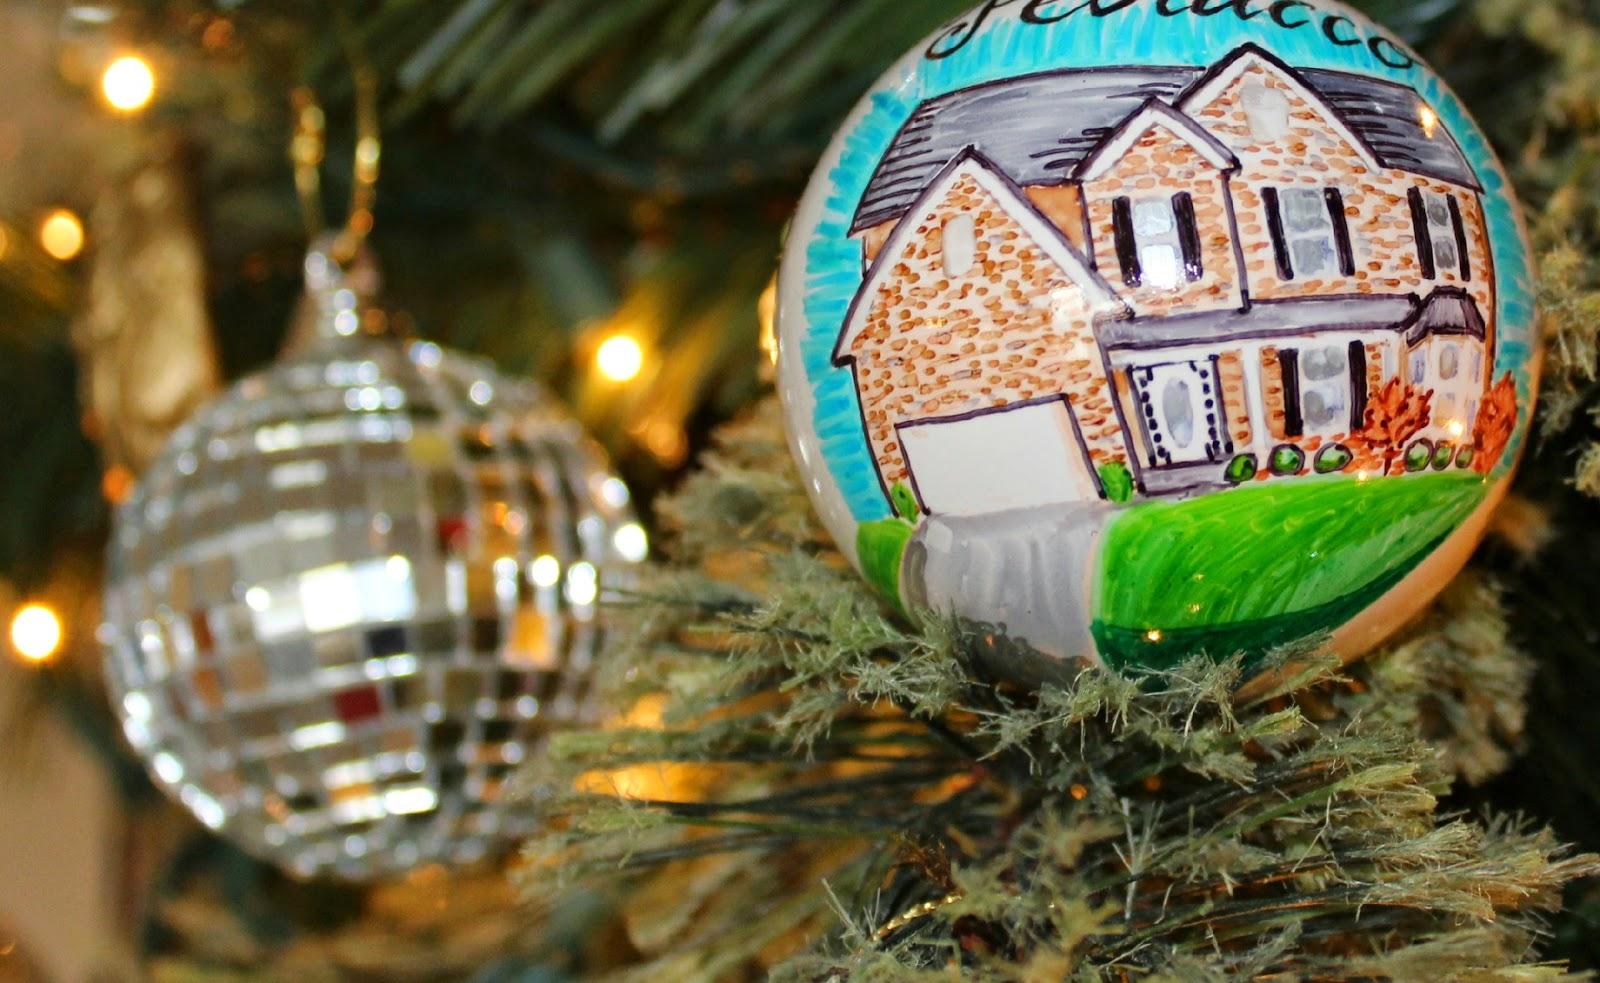 River-Landing-Custom-Home-Christmas-Ornament.jpg